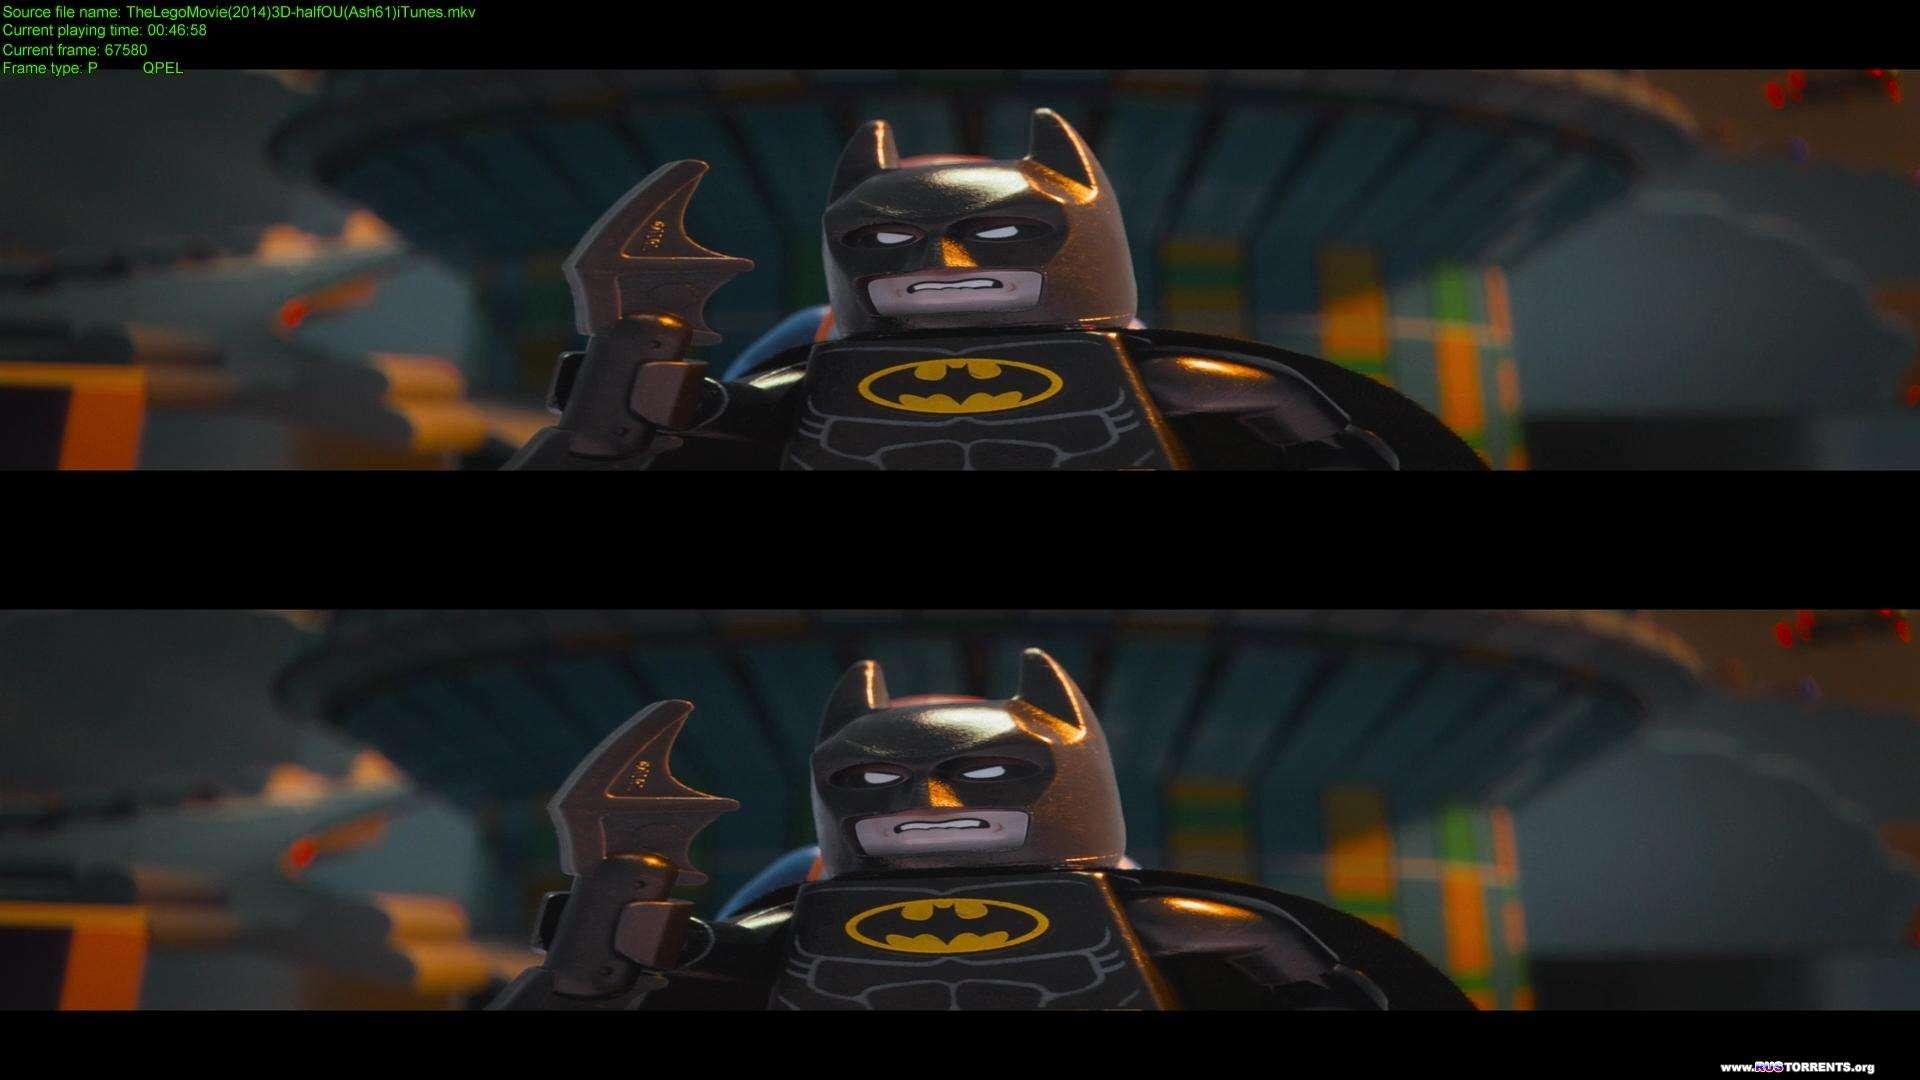 Лего. Фильм | BDRip 1080p | 3D-Video | halfOU | Лицензия